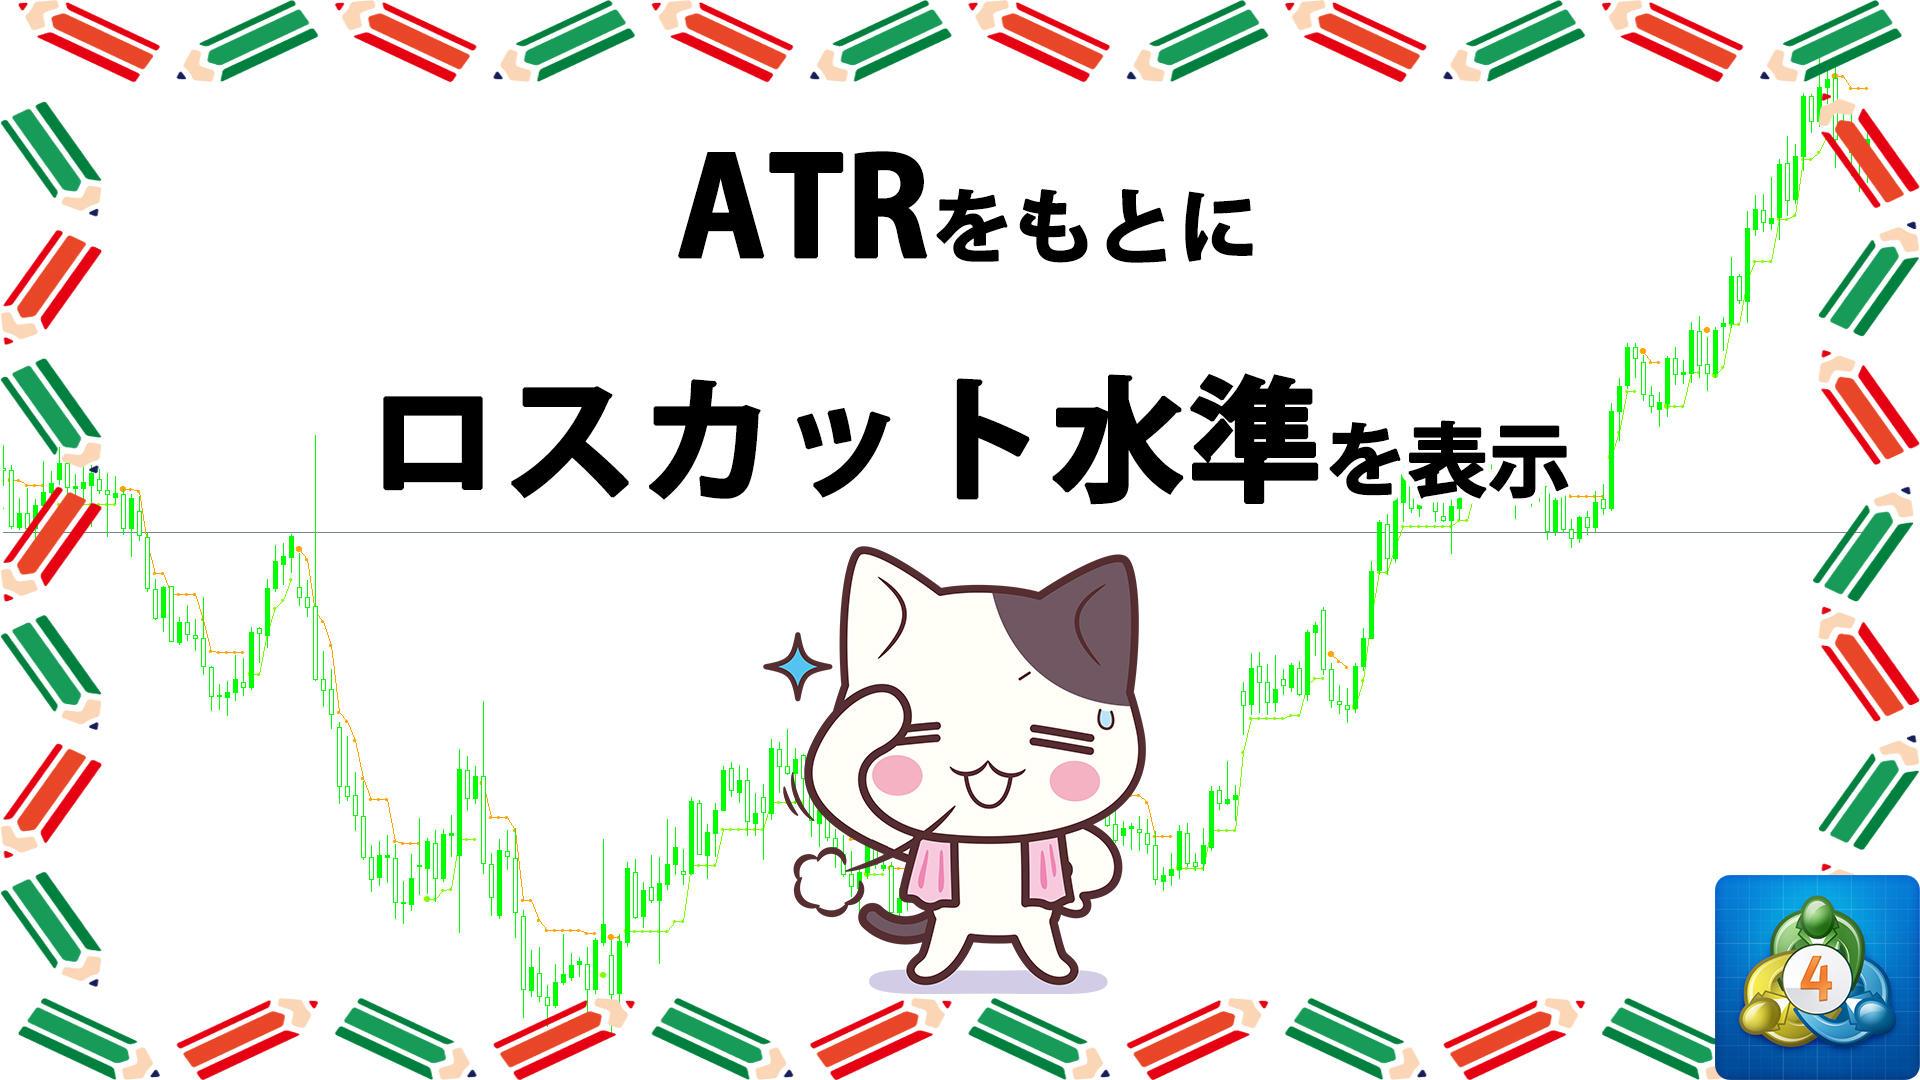 ATRをもとにロスカット水準を表示するMT4インジケーター「VoltyChannel_Stop_v1」